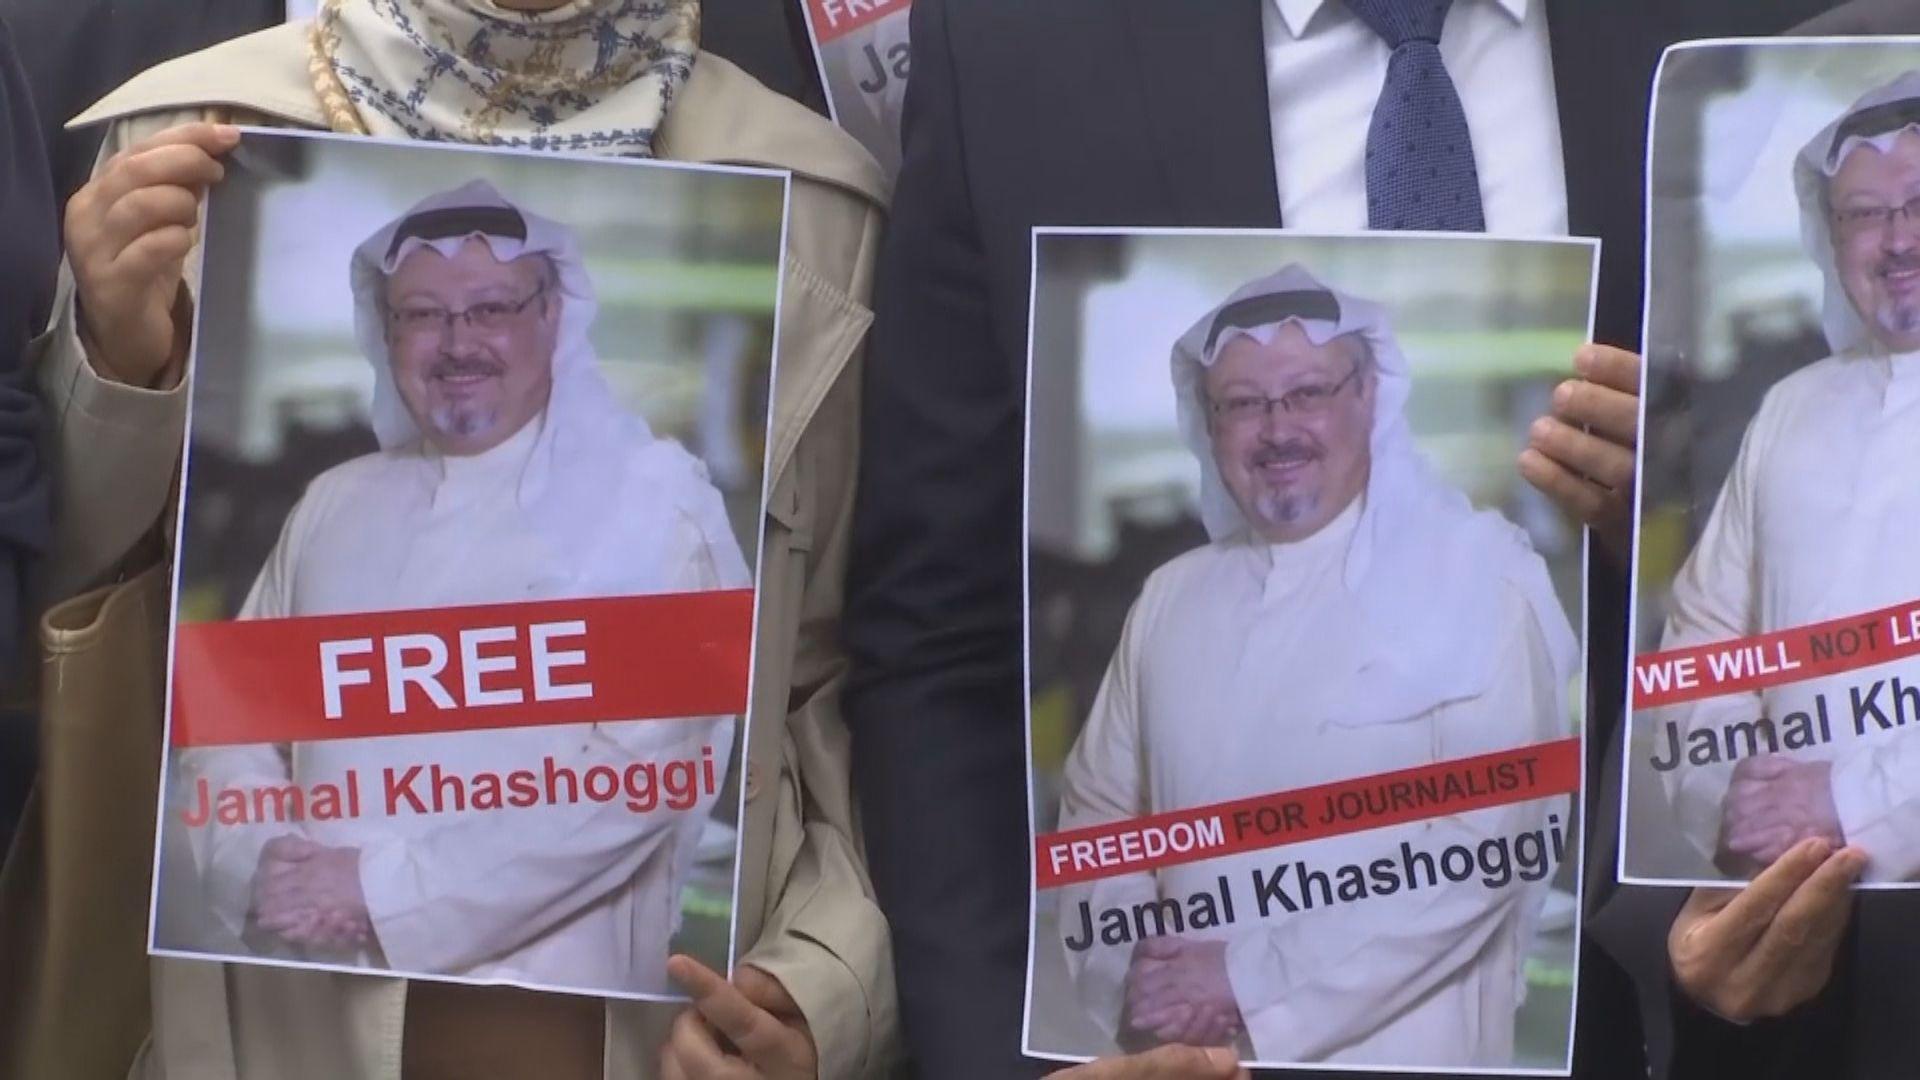 沙特否認土耳其記者領事館遇害指控